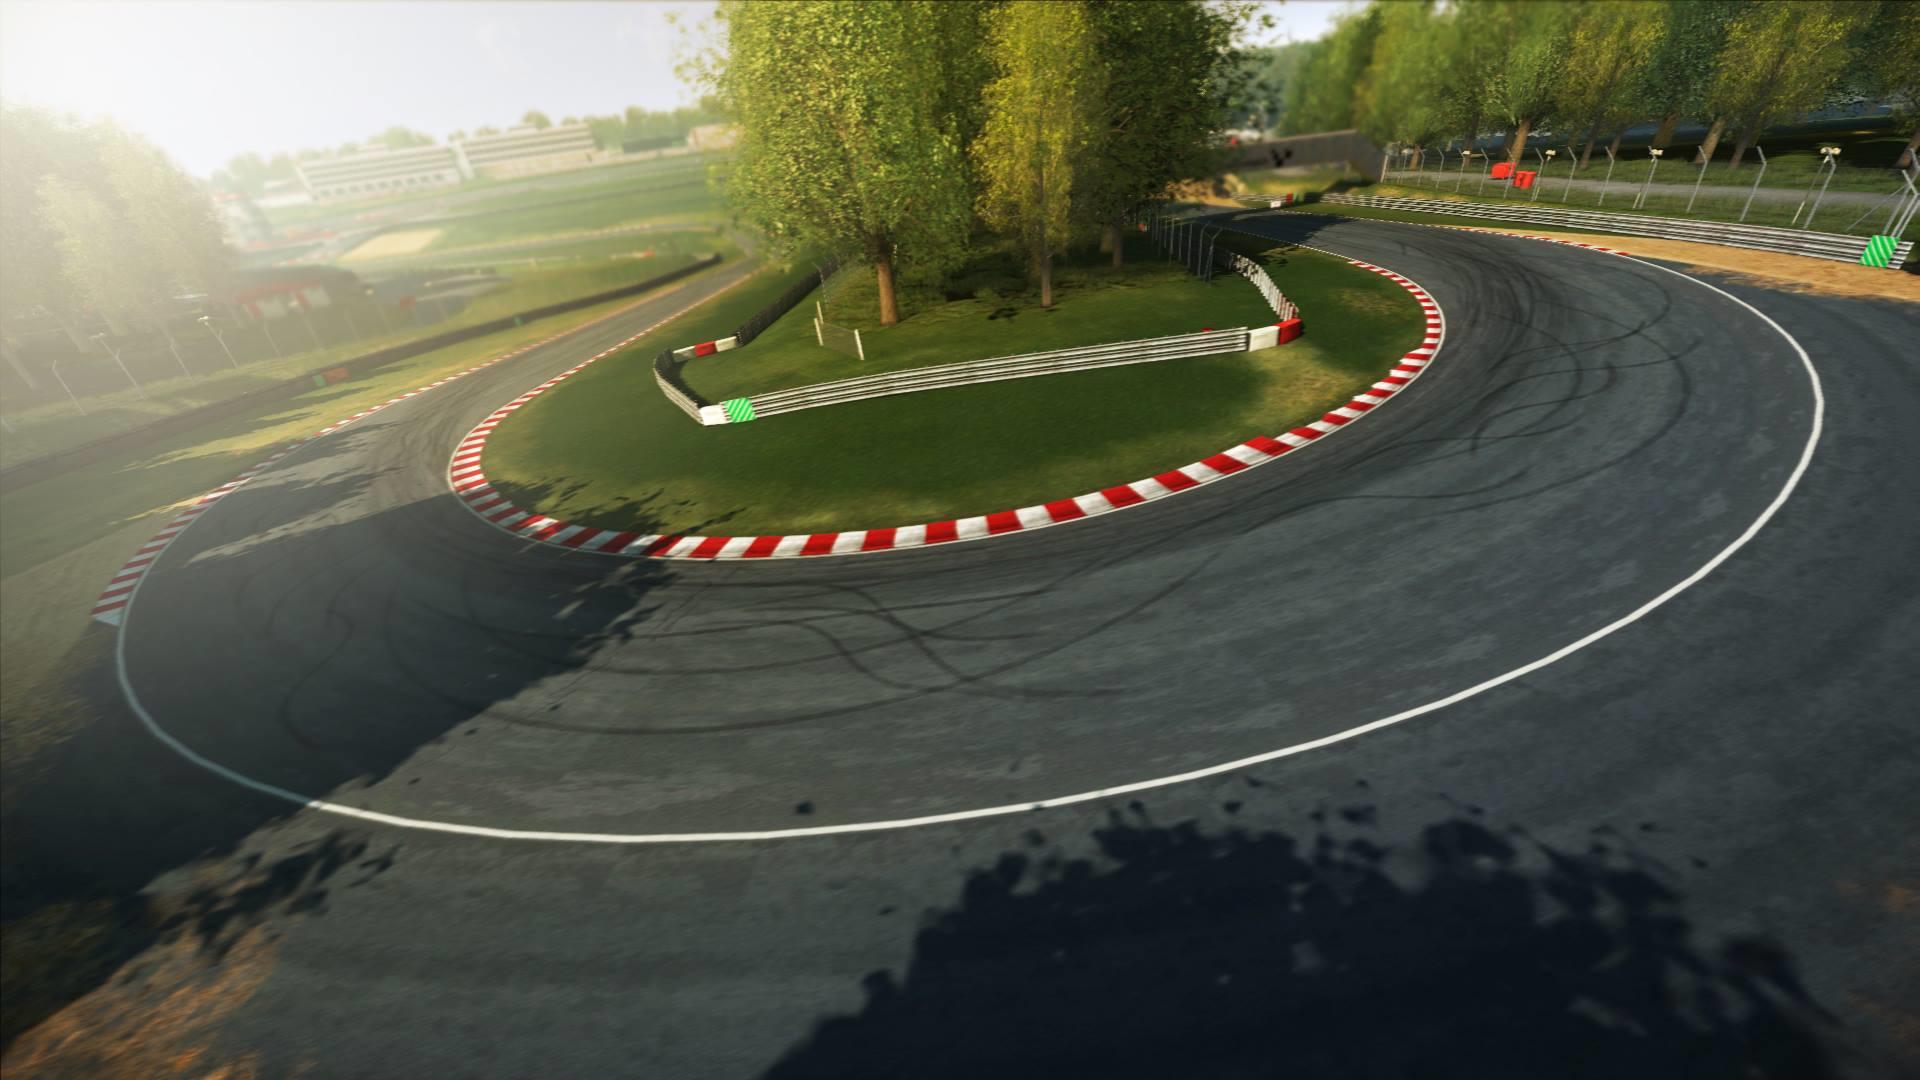 трасса гонки картинка качестве начинки используются